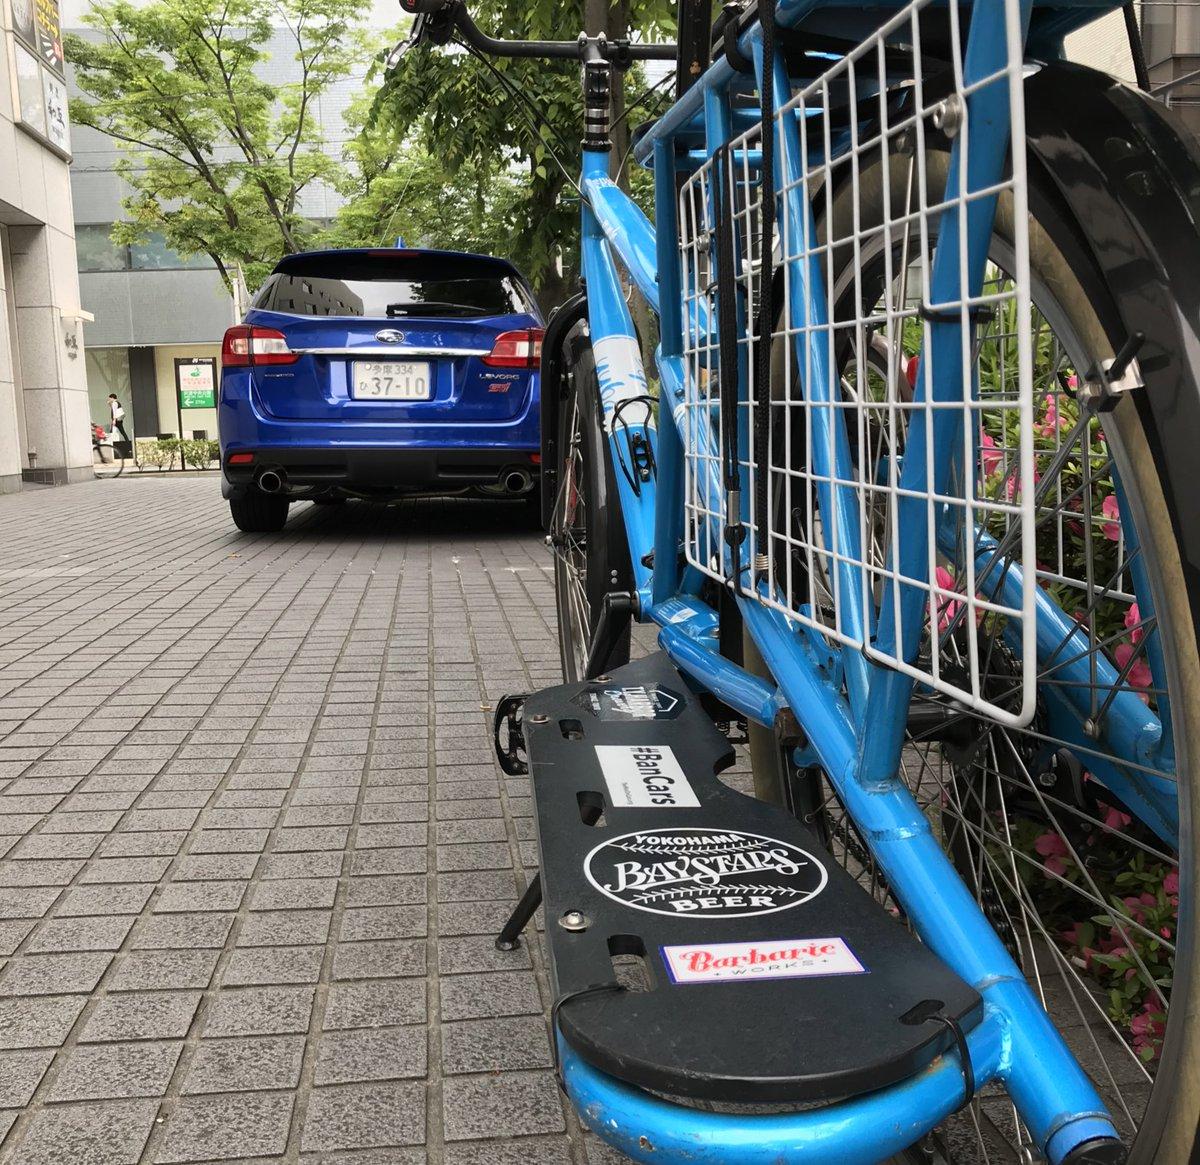 Sidewalk car parking should never be tolerated.  #carsaredumb #yokohama pic.twitter.com/qGUpq9KamH